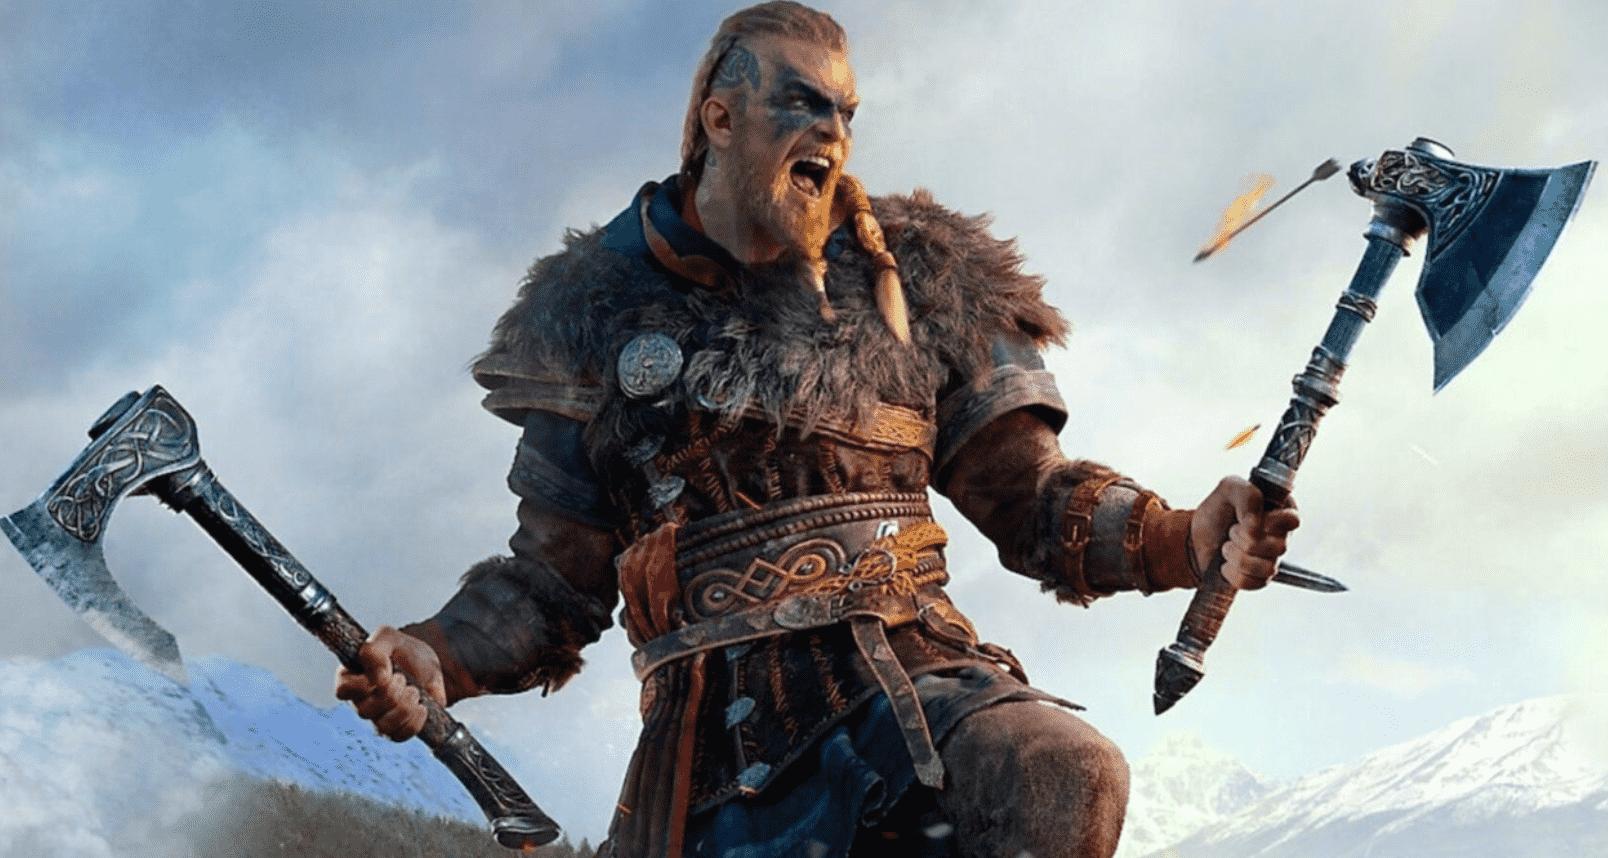 ВAssassin's Creed Valhalla можно будет грабить монастыри